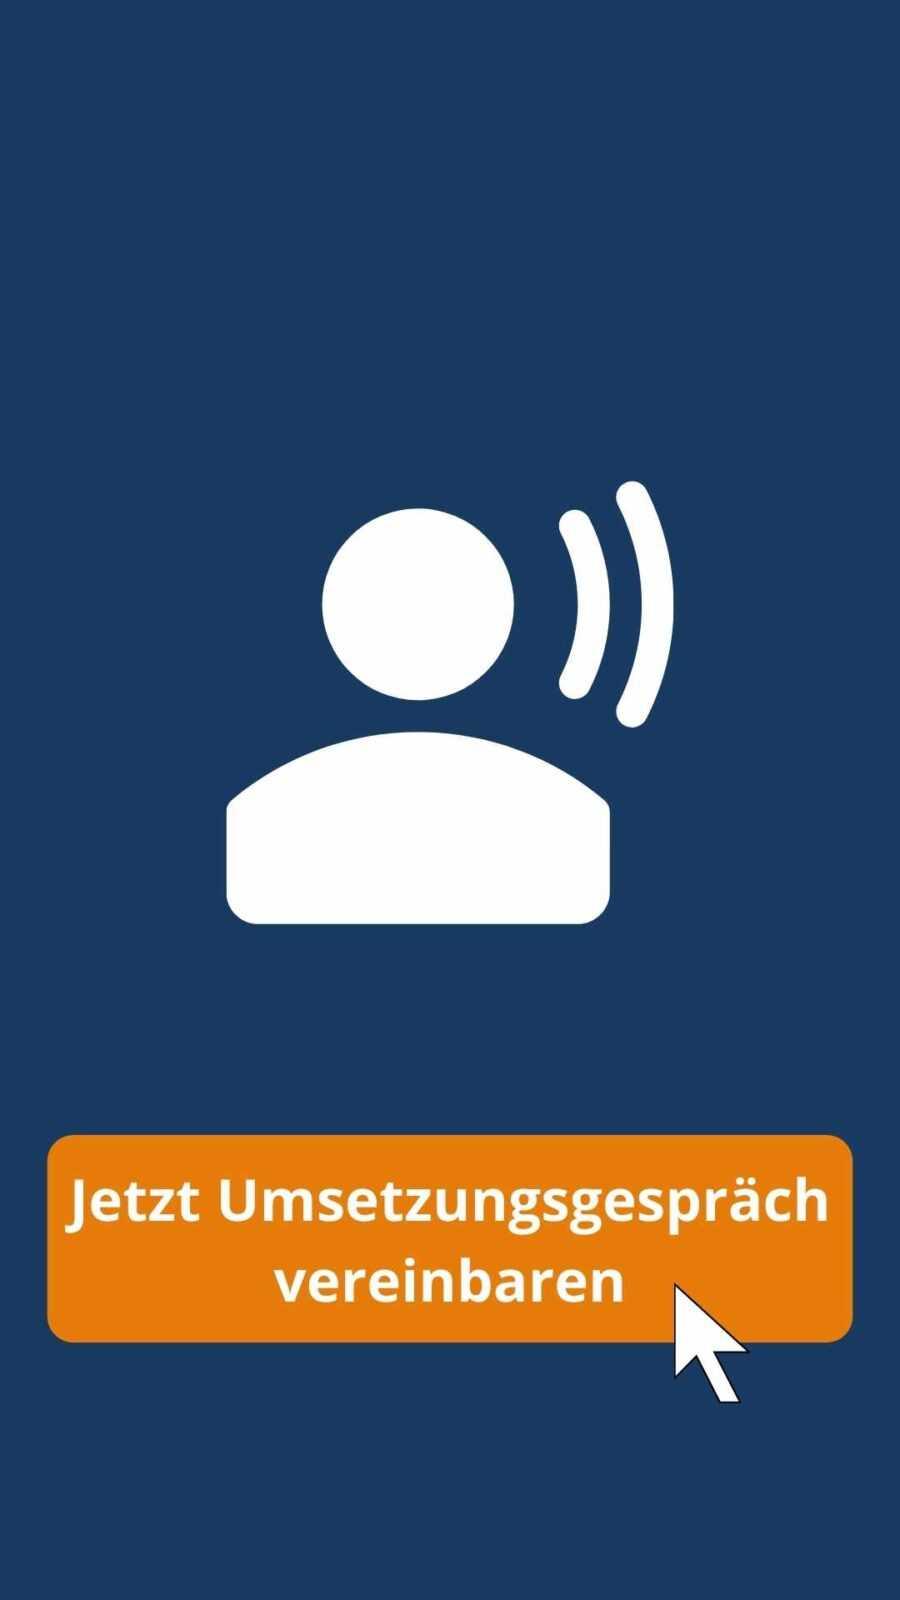 Onlineberatung Umsetzungsgespräch